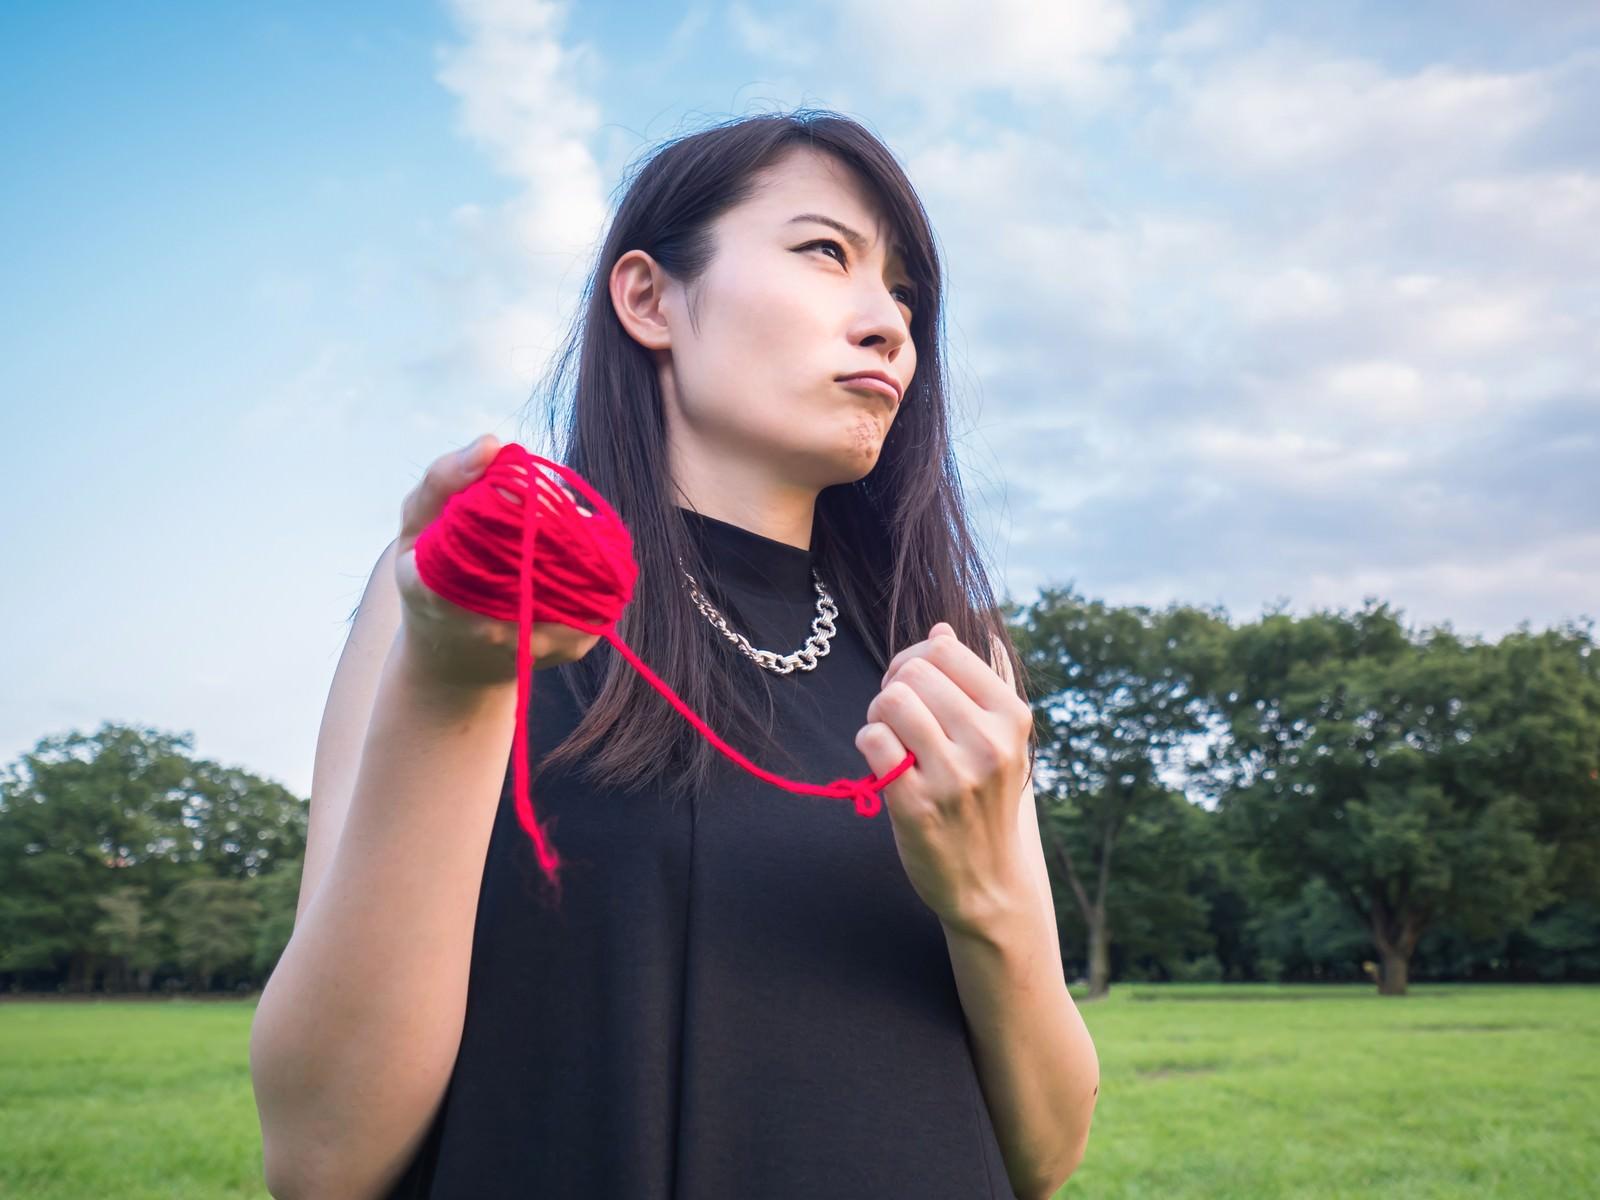 「運命の赤い糸で結ばれたい結婚適齢期運命の赤い糸で結ばれたい結婚適齢期」[モデル:たけべともこ]のフリー写真素材を拡大